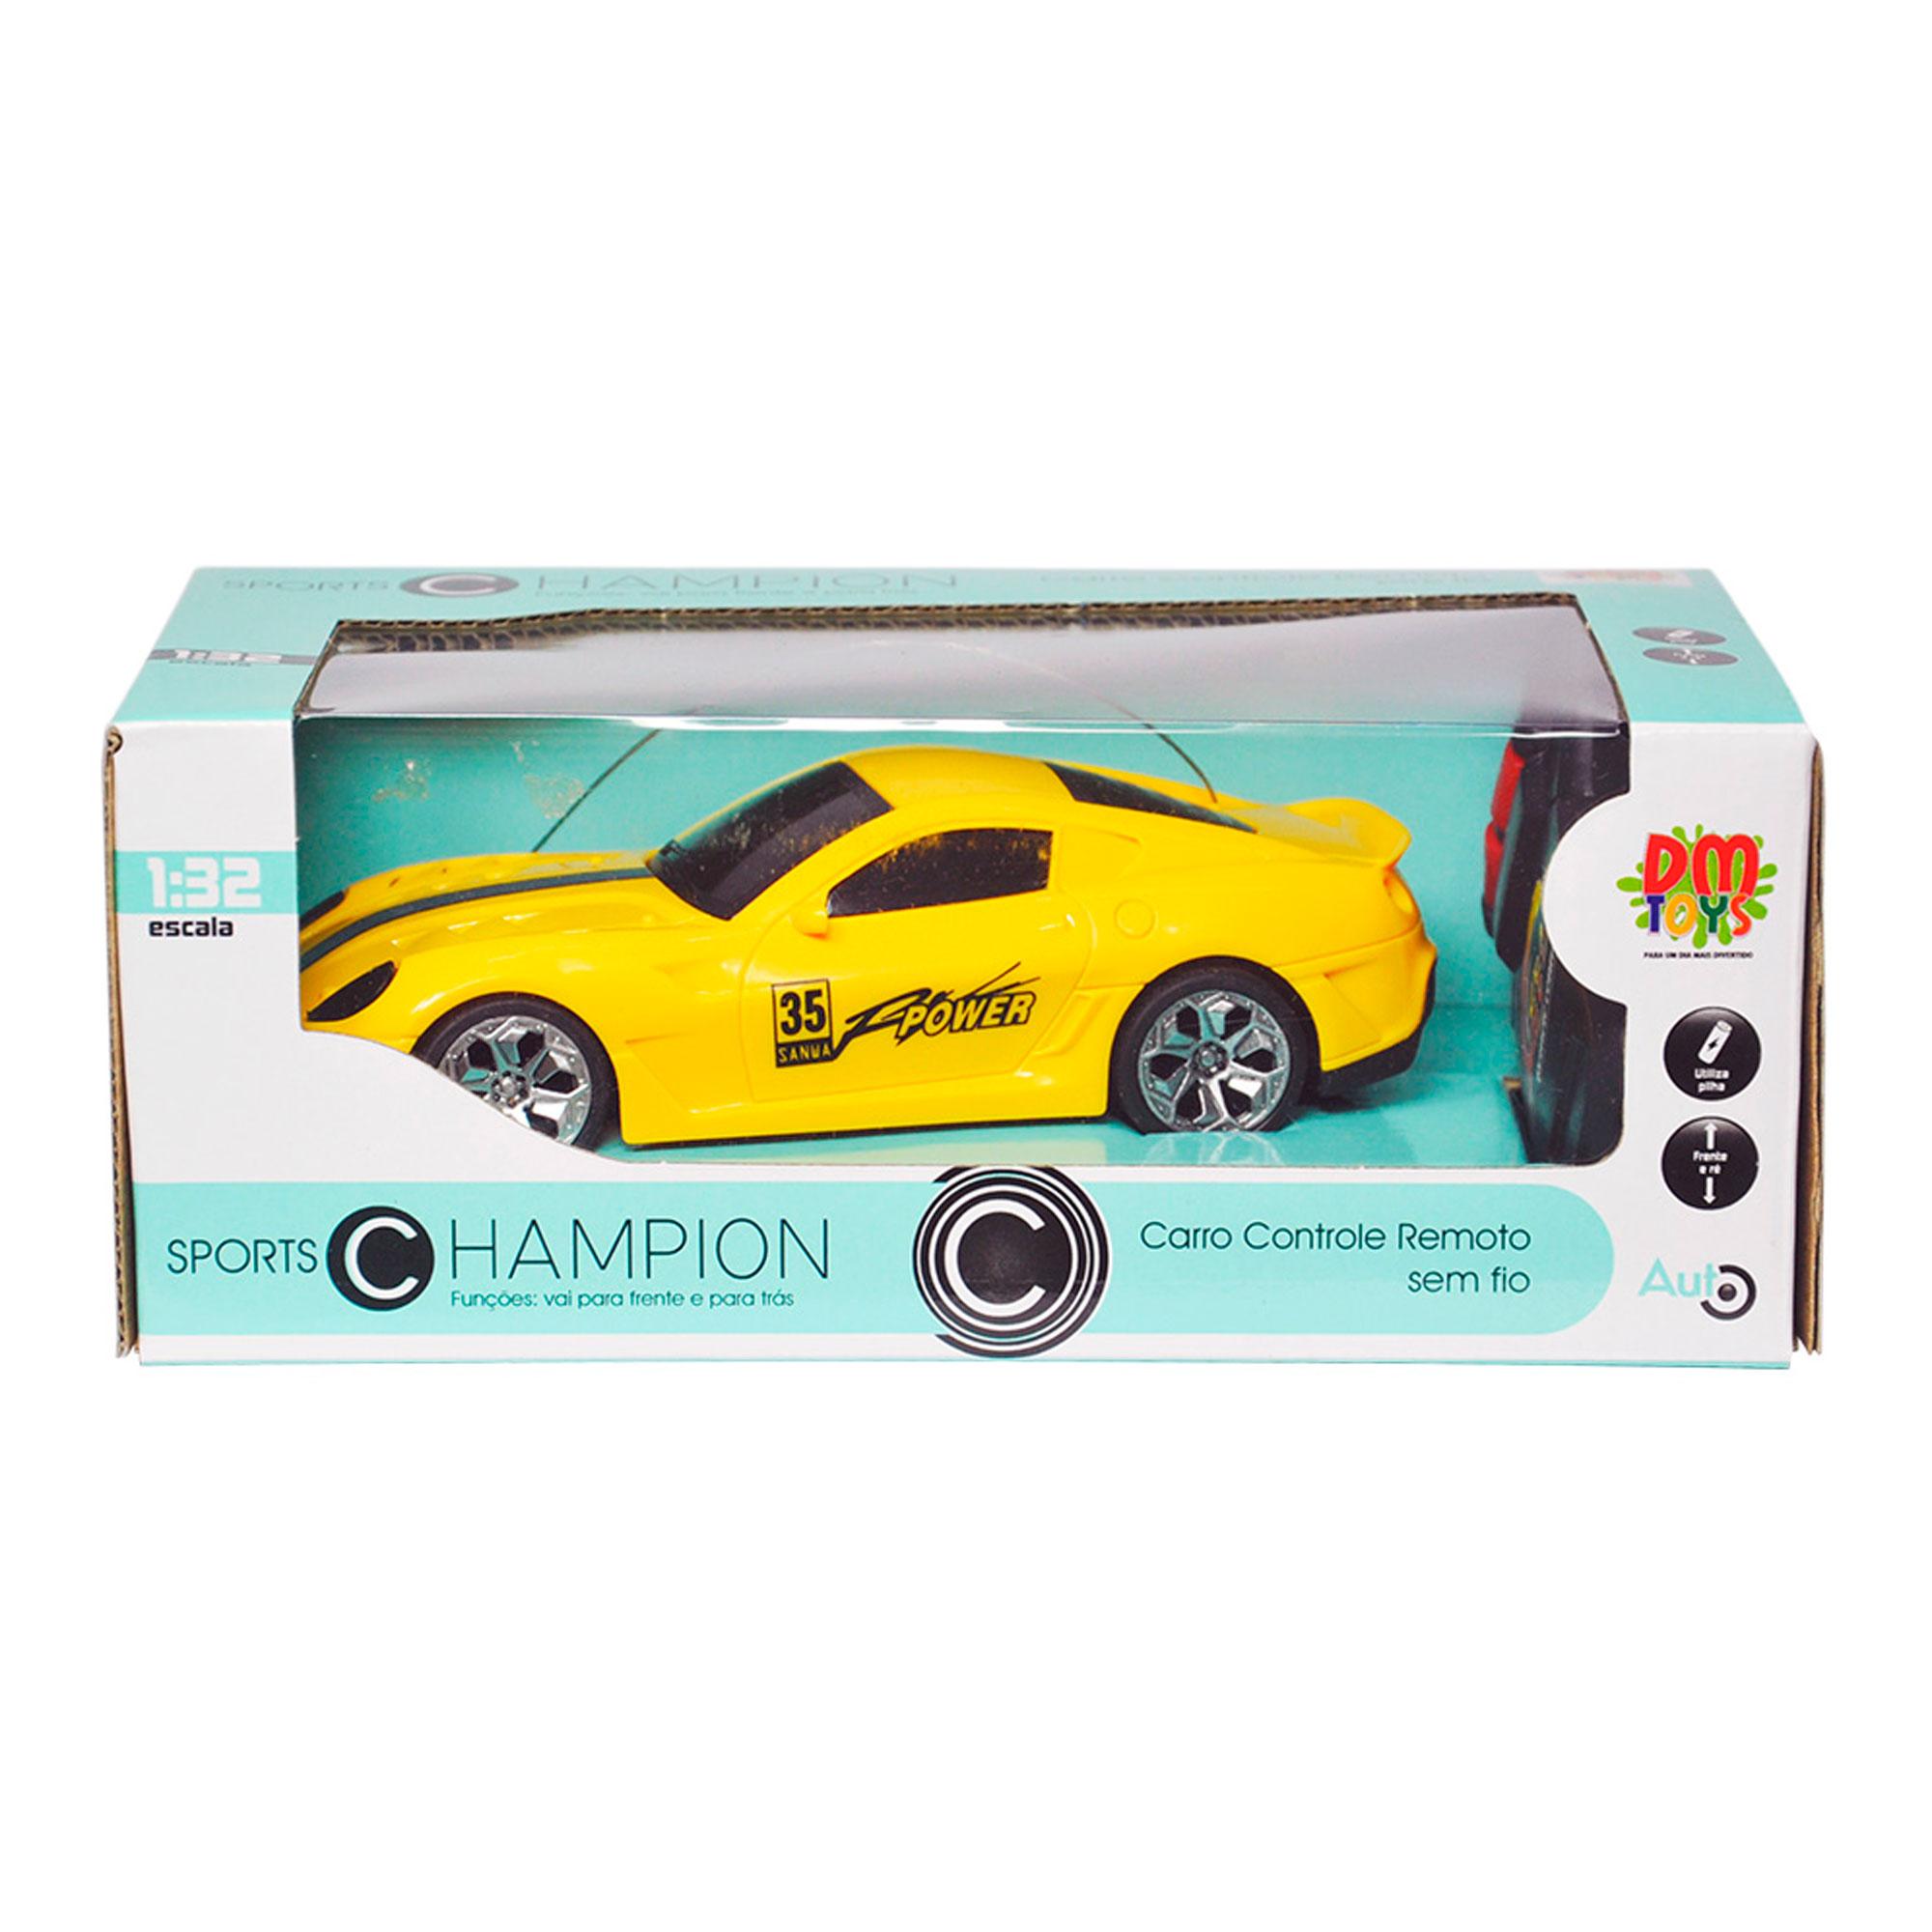 Carrinho Controle Remoto Porsche Esportivo Amarelo